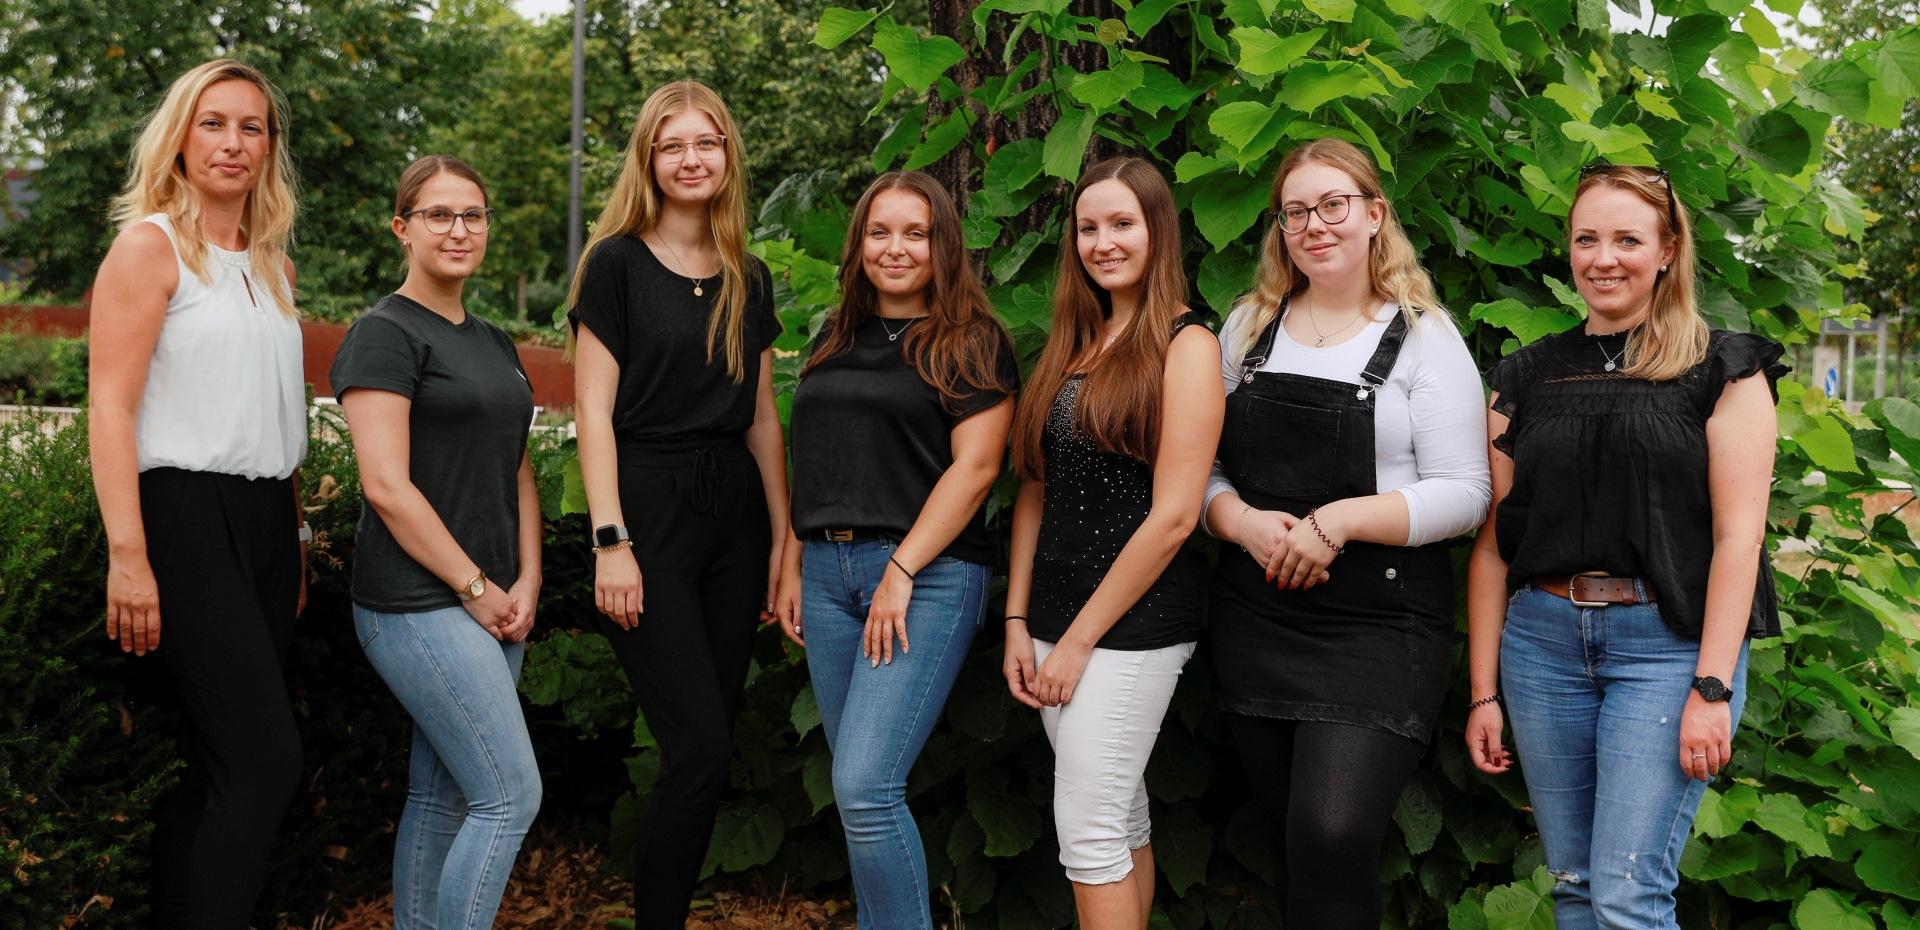 Gruppenbild der Auszubildenden der BKK Pfalz